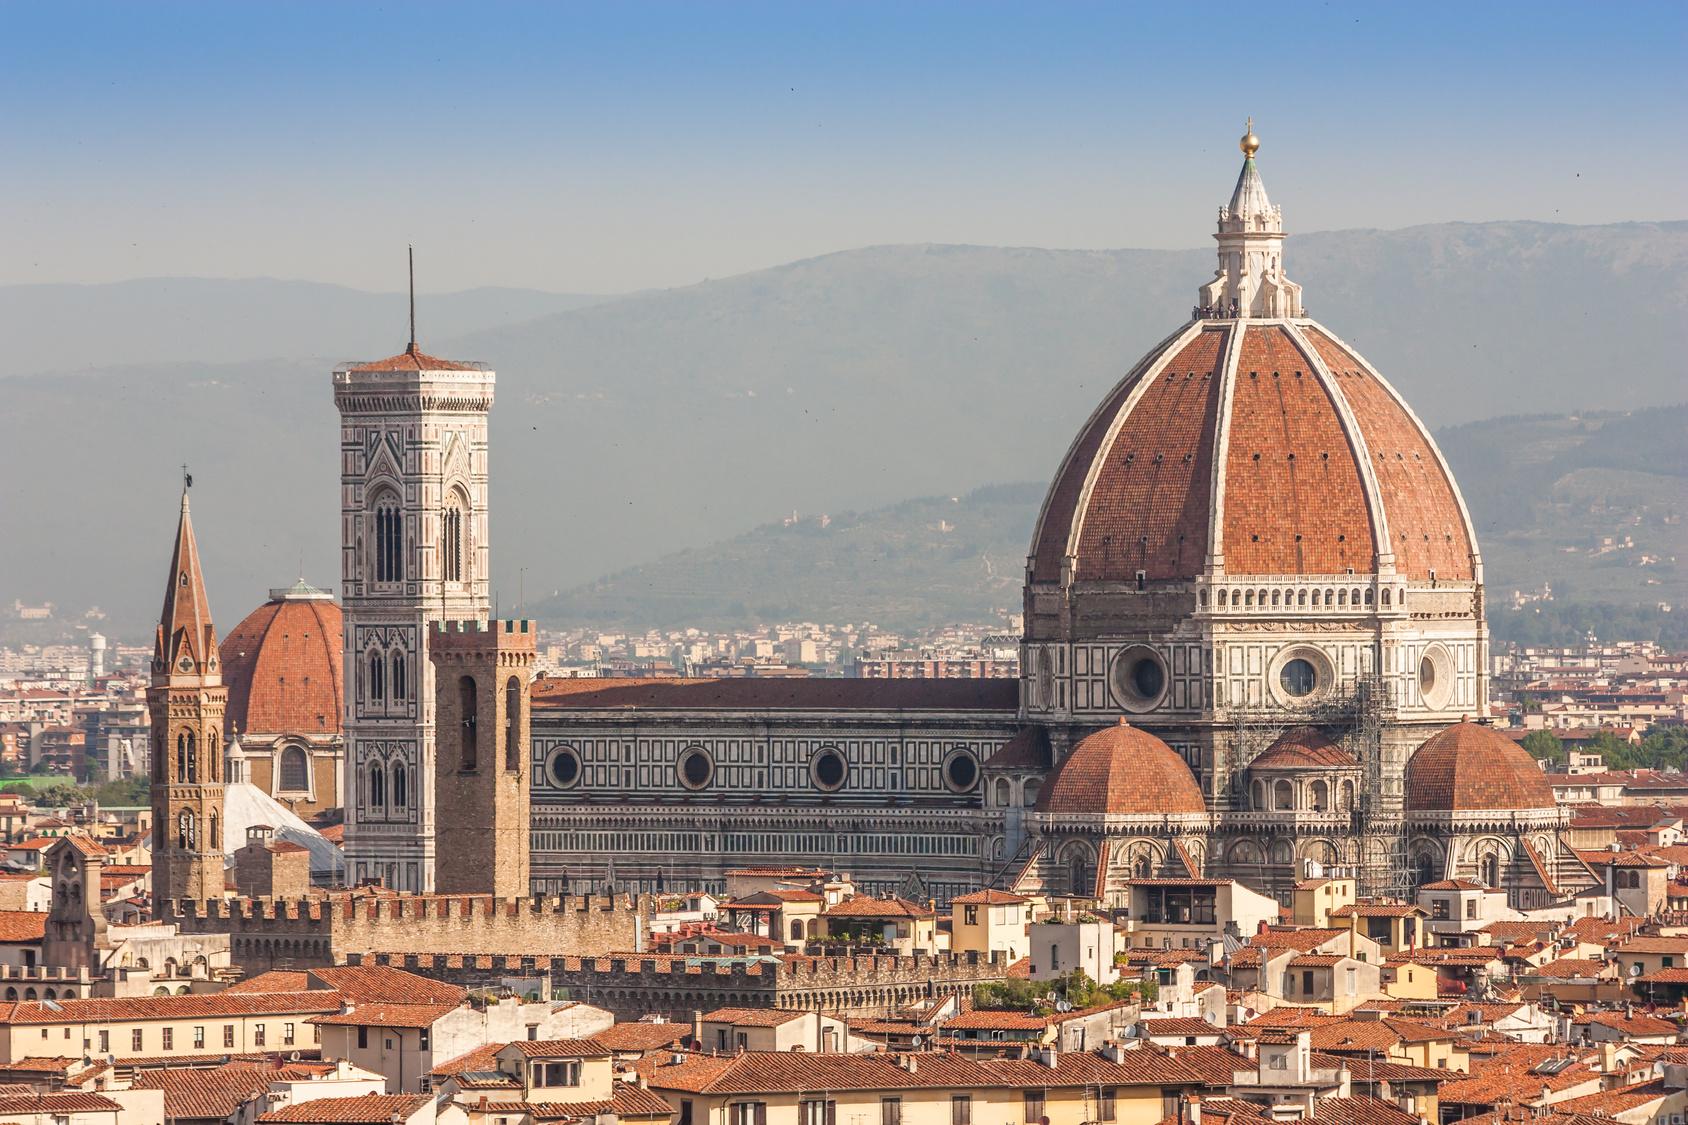 Guida Ristoranti Firenze: dove mangiare a Firenze secondo la classifica di Tripadvisor